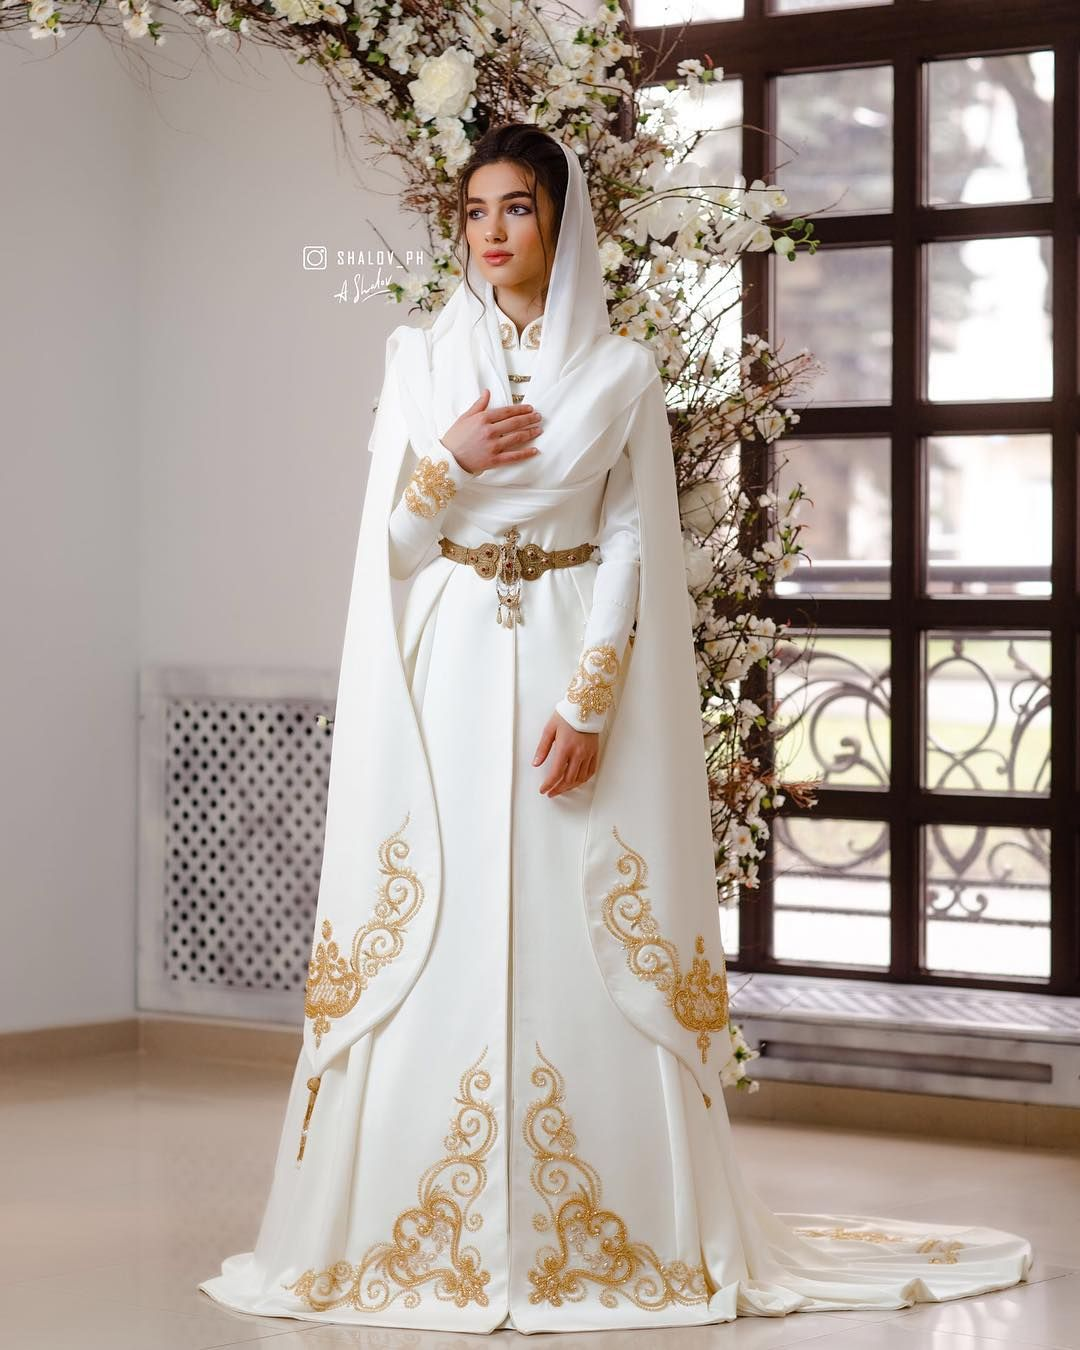 Свадебное платье на прокат аренда в городе Нальчик | ZKAM.RU | 1350x1080